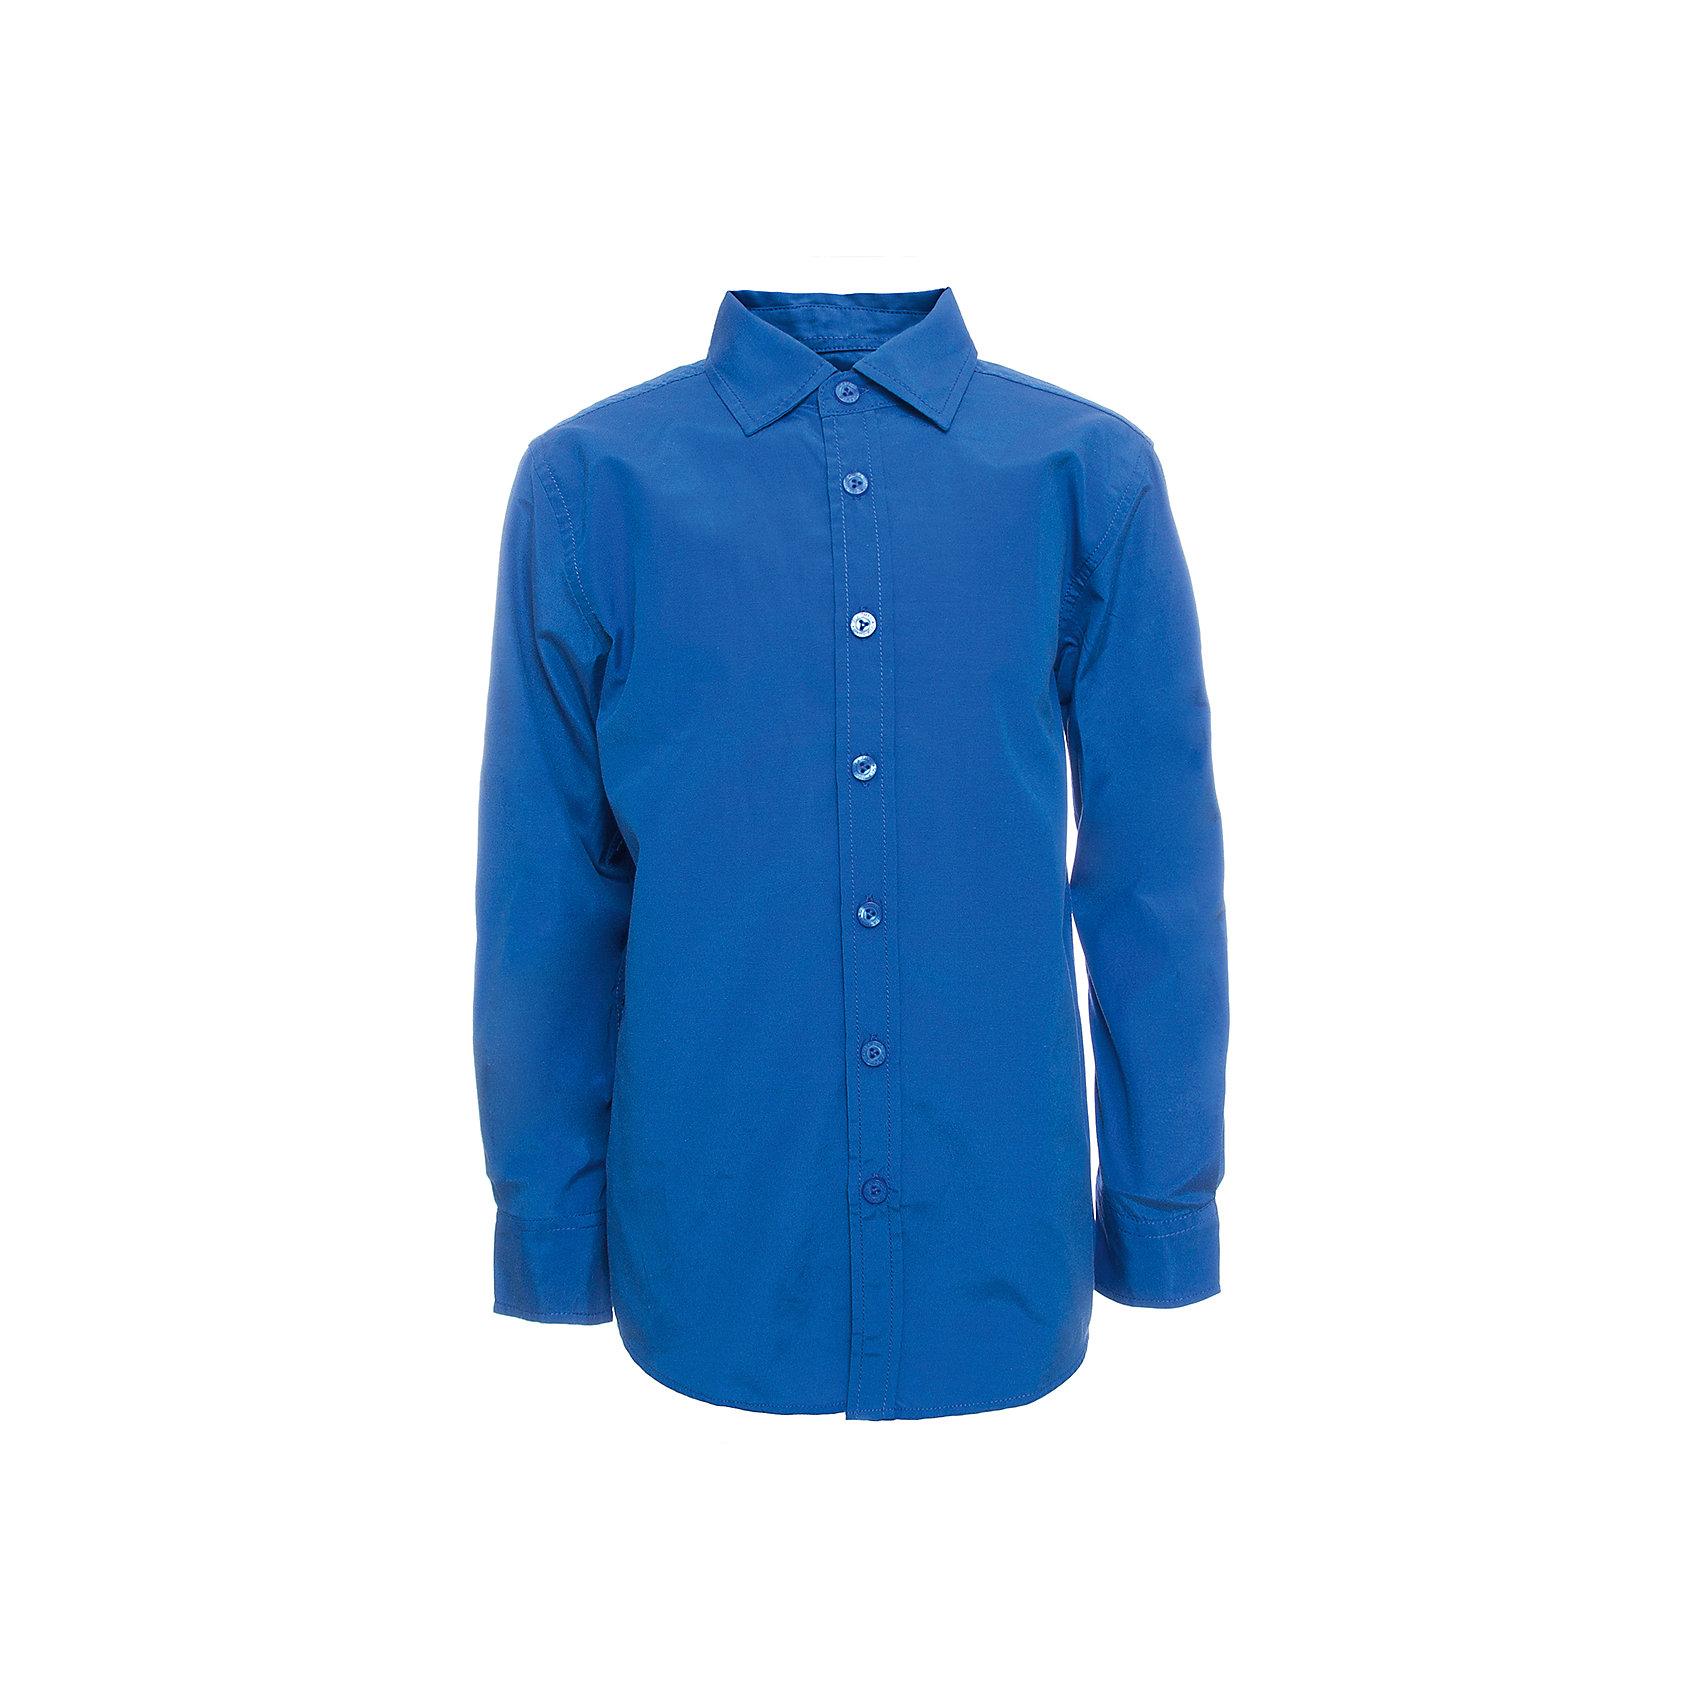 Рубашка SELA для мальчикаБлузки и рубашки<br>Характеристики товара:<br><br>• цвет: синий<br>• состав ткани: 60% хлопок, 40% полиэстер<br>• сезон: демисезон<br>• особенности модели: школьная<br>• застежка: пуговицы<br>• длинные рукава<br>• страна бренда: Россия<br>• страна производства: Индия<br><br>Синяя рубашка для мальчика - базовая вещь для гардероба. Эта рубашка для ребенка сшита из дышащего хлопкового материала. Модели от Sela стильные и удобные, как и эта детская рубашка с длинным рукавом. Рубашка для мальчика отличается доступной ценой.<br><br>Рубашку для мальчика Sela (Села) можно купить в нашем интернет-магазине.<br><br>Ширина мм: 174<br>Глубина мм: 10<br>Высота мм: 169<br>Вес г: 157<br>Цвет: синий<br>Возраст от месяцев: 132<br>Возраст до месяцев: 144<br>Пол: Мужской<br>Возраст: Детский<br>Размер: 152,122,128,134,140,146<br>SKU: 7032333